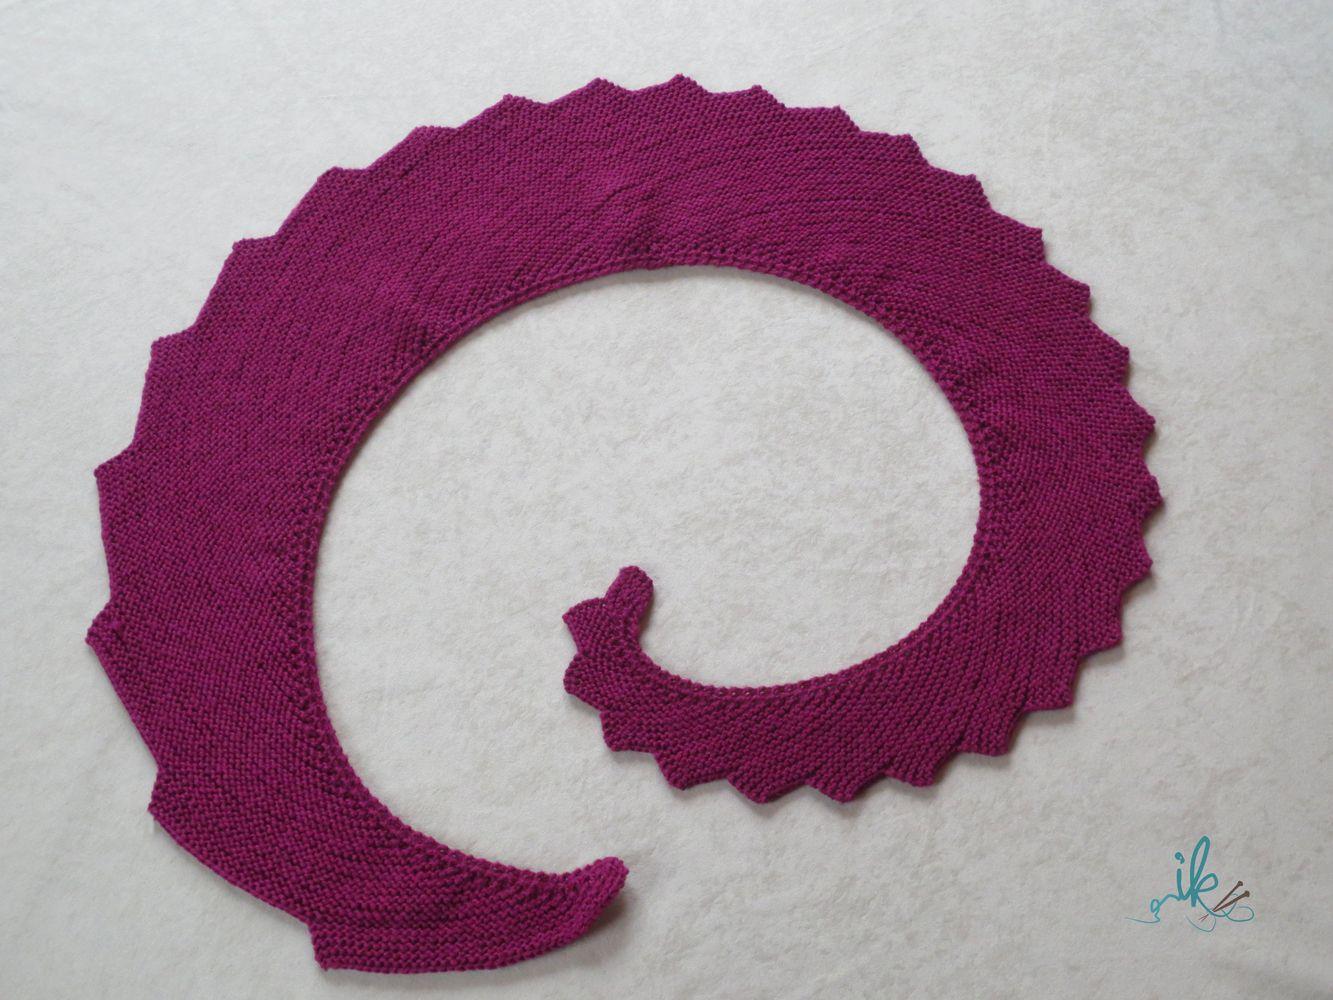 Wie stricke ich einen Drachenschwanz oder auch Drachenschal Strickanleitung kostenlos für sen einfachen aber dekorativen